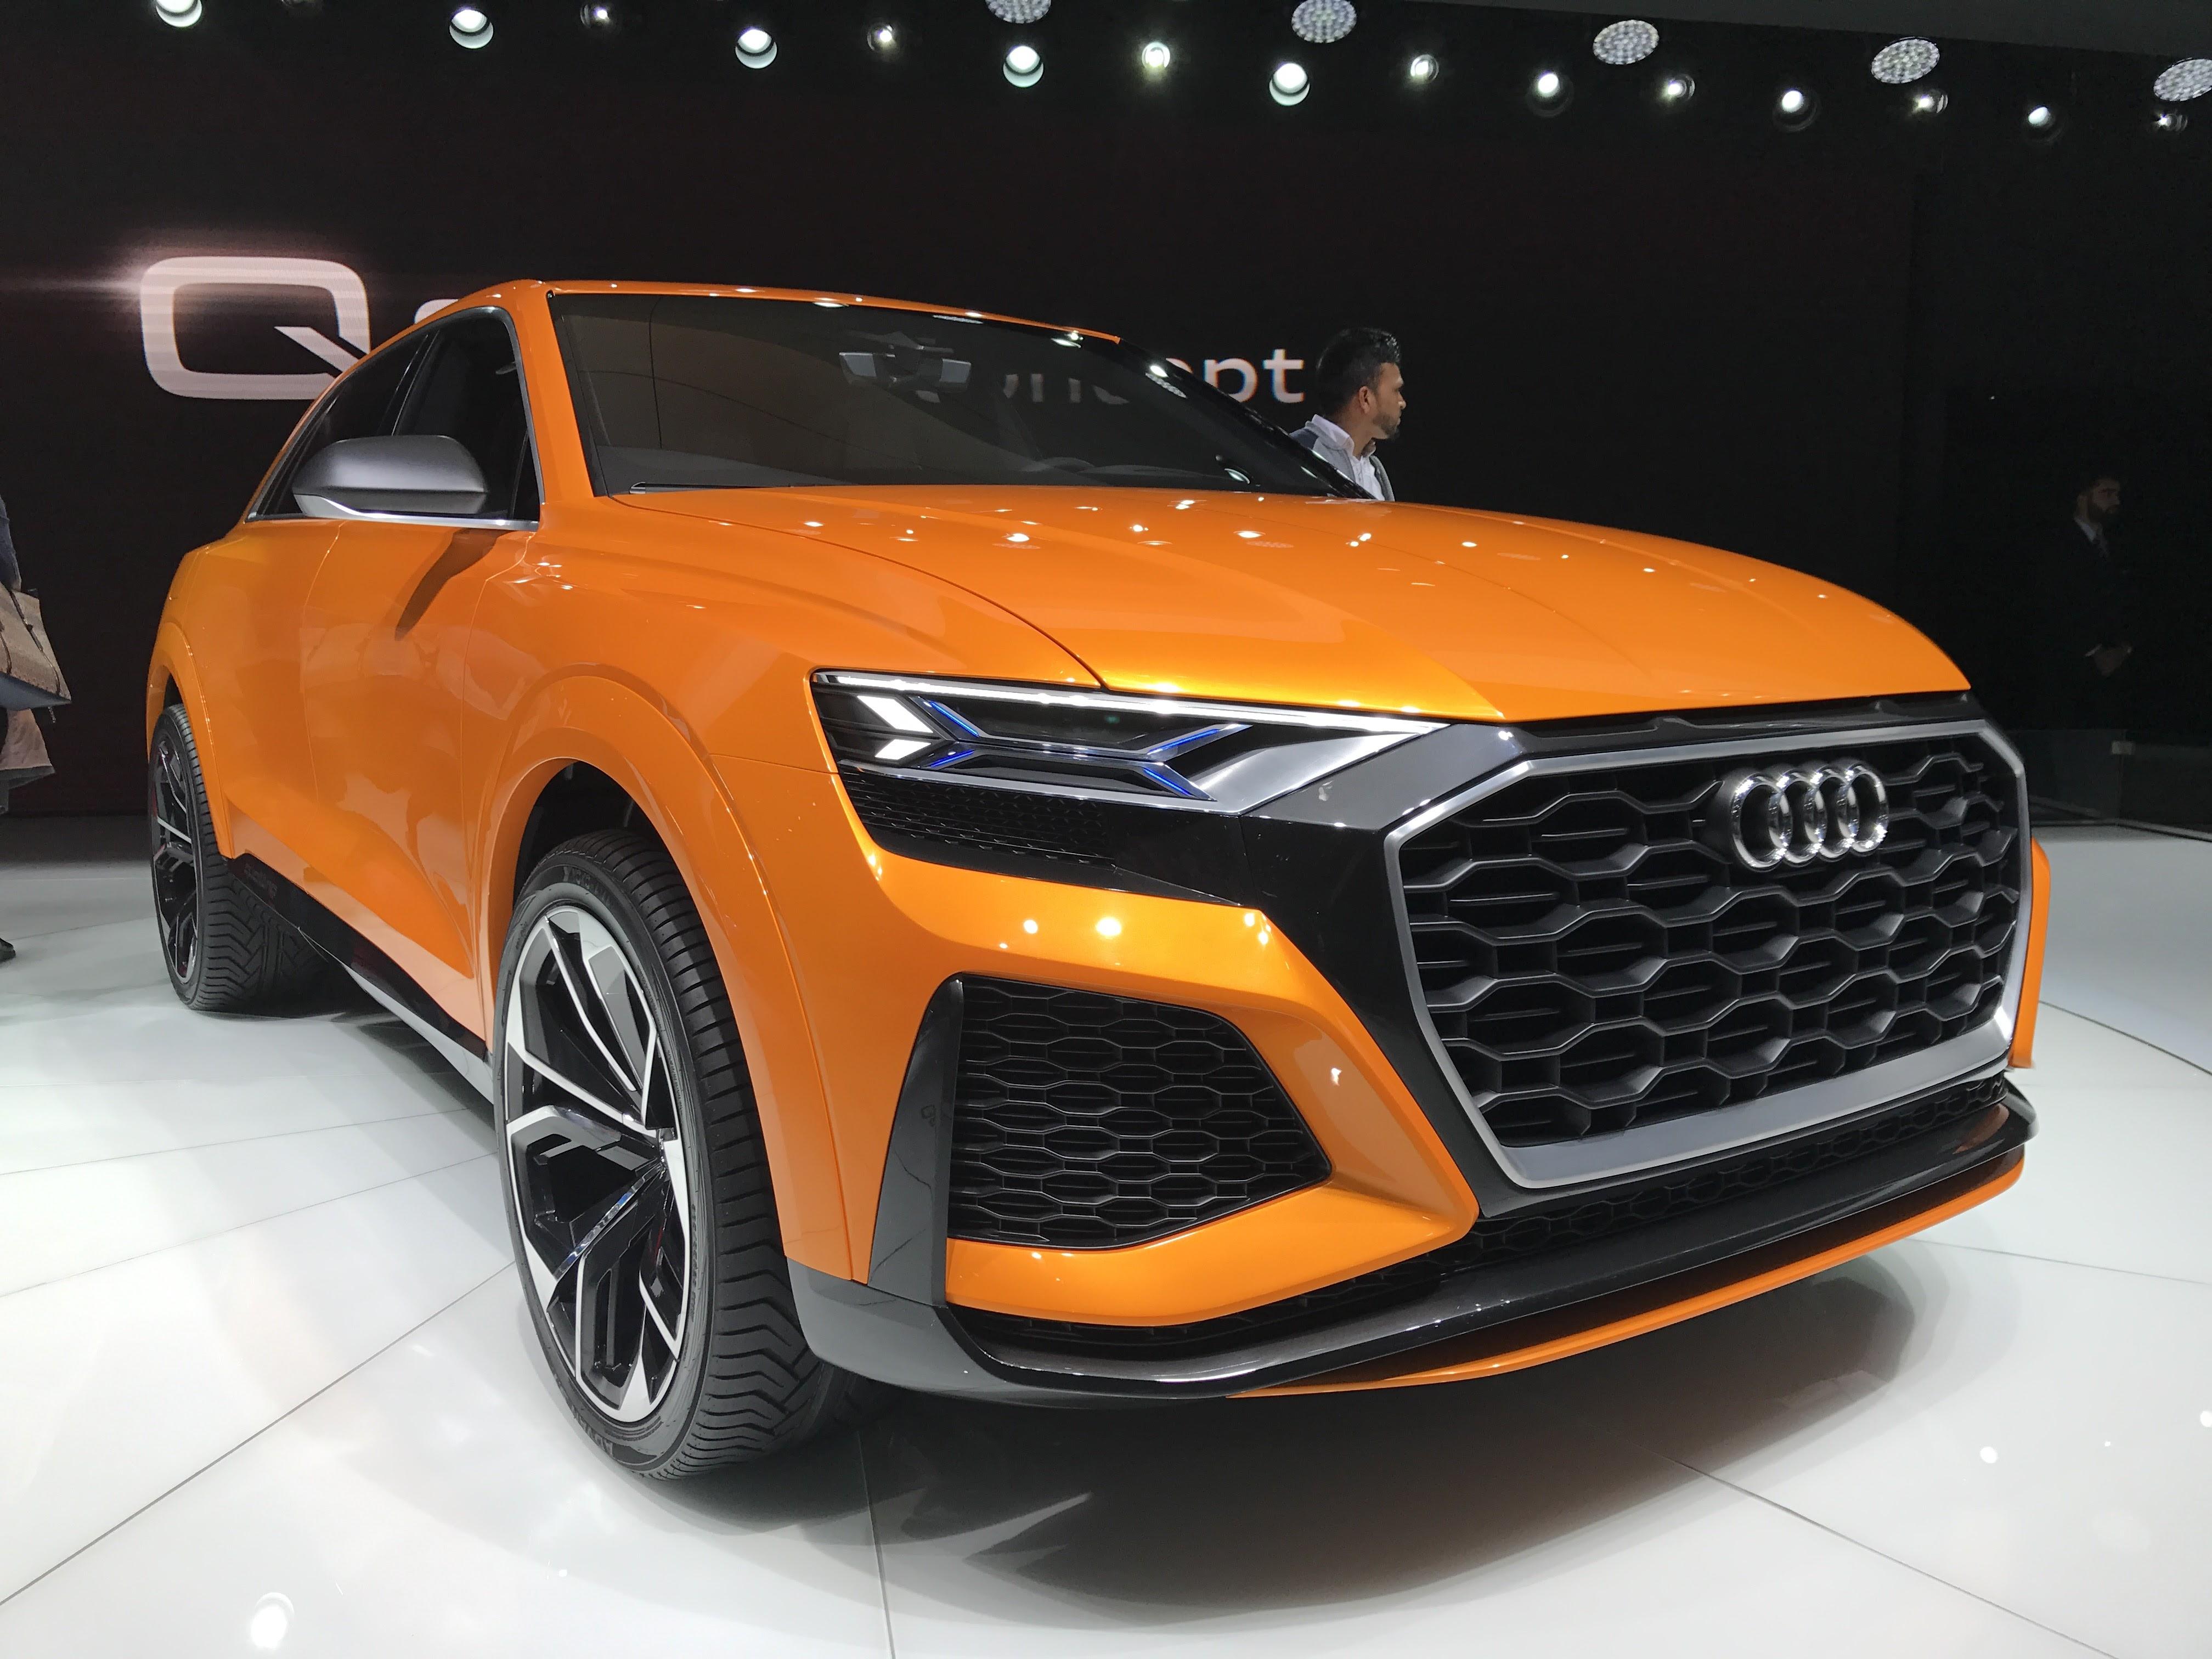 Az Audi a legjobb európai márka a Consumer Reports 2017-es megbízhatósági felmérésén